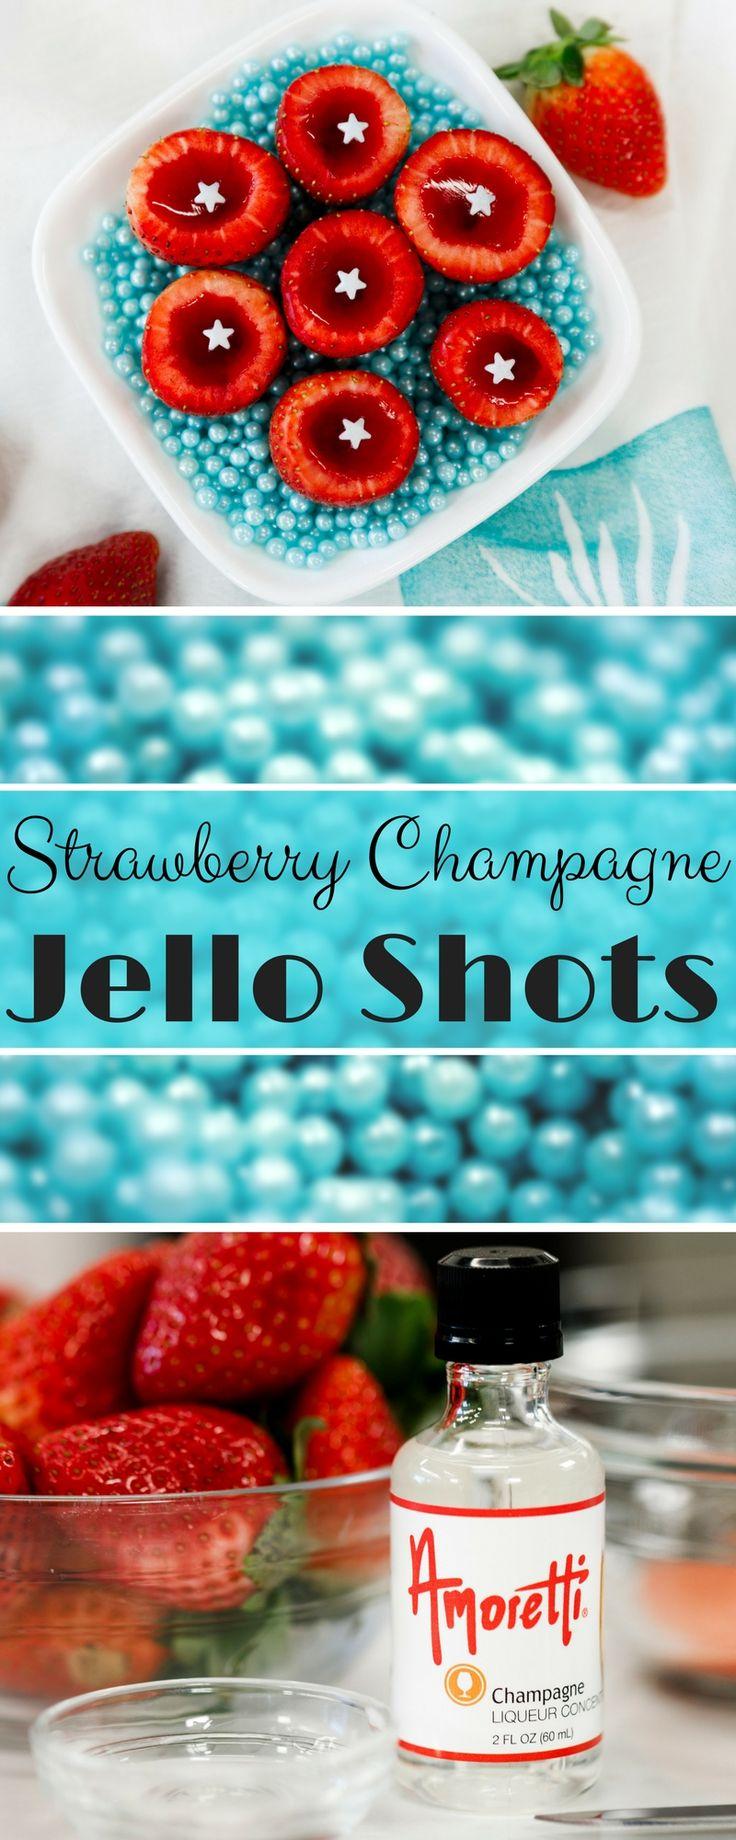 Strawberry Champagne Jello Shots Recipe